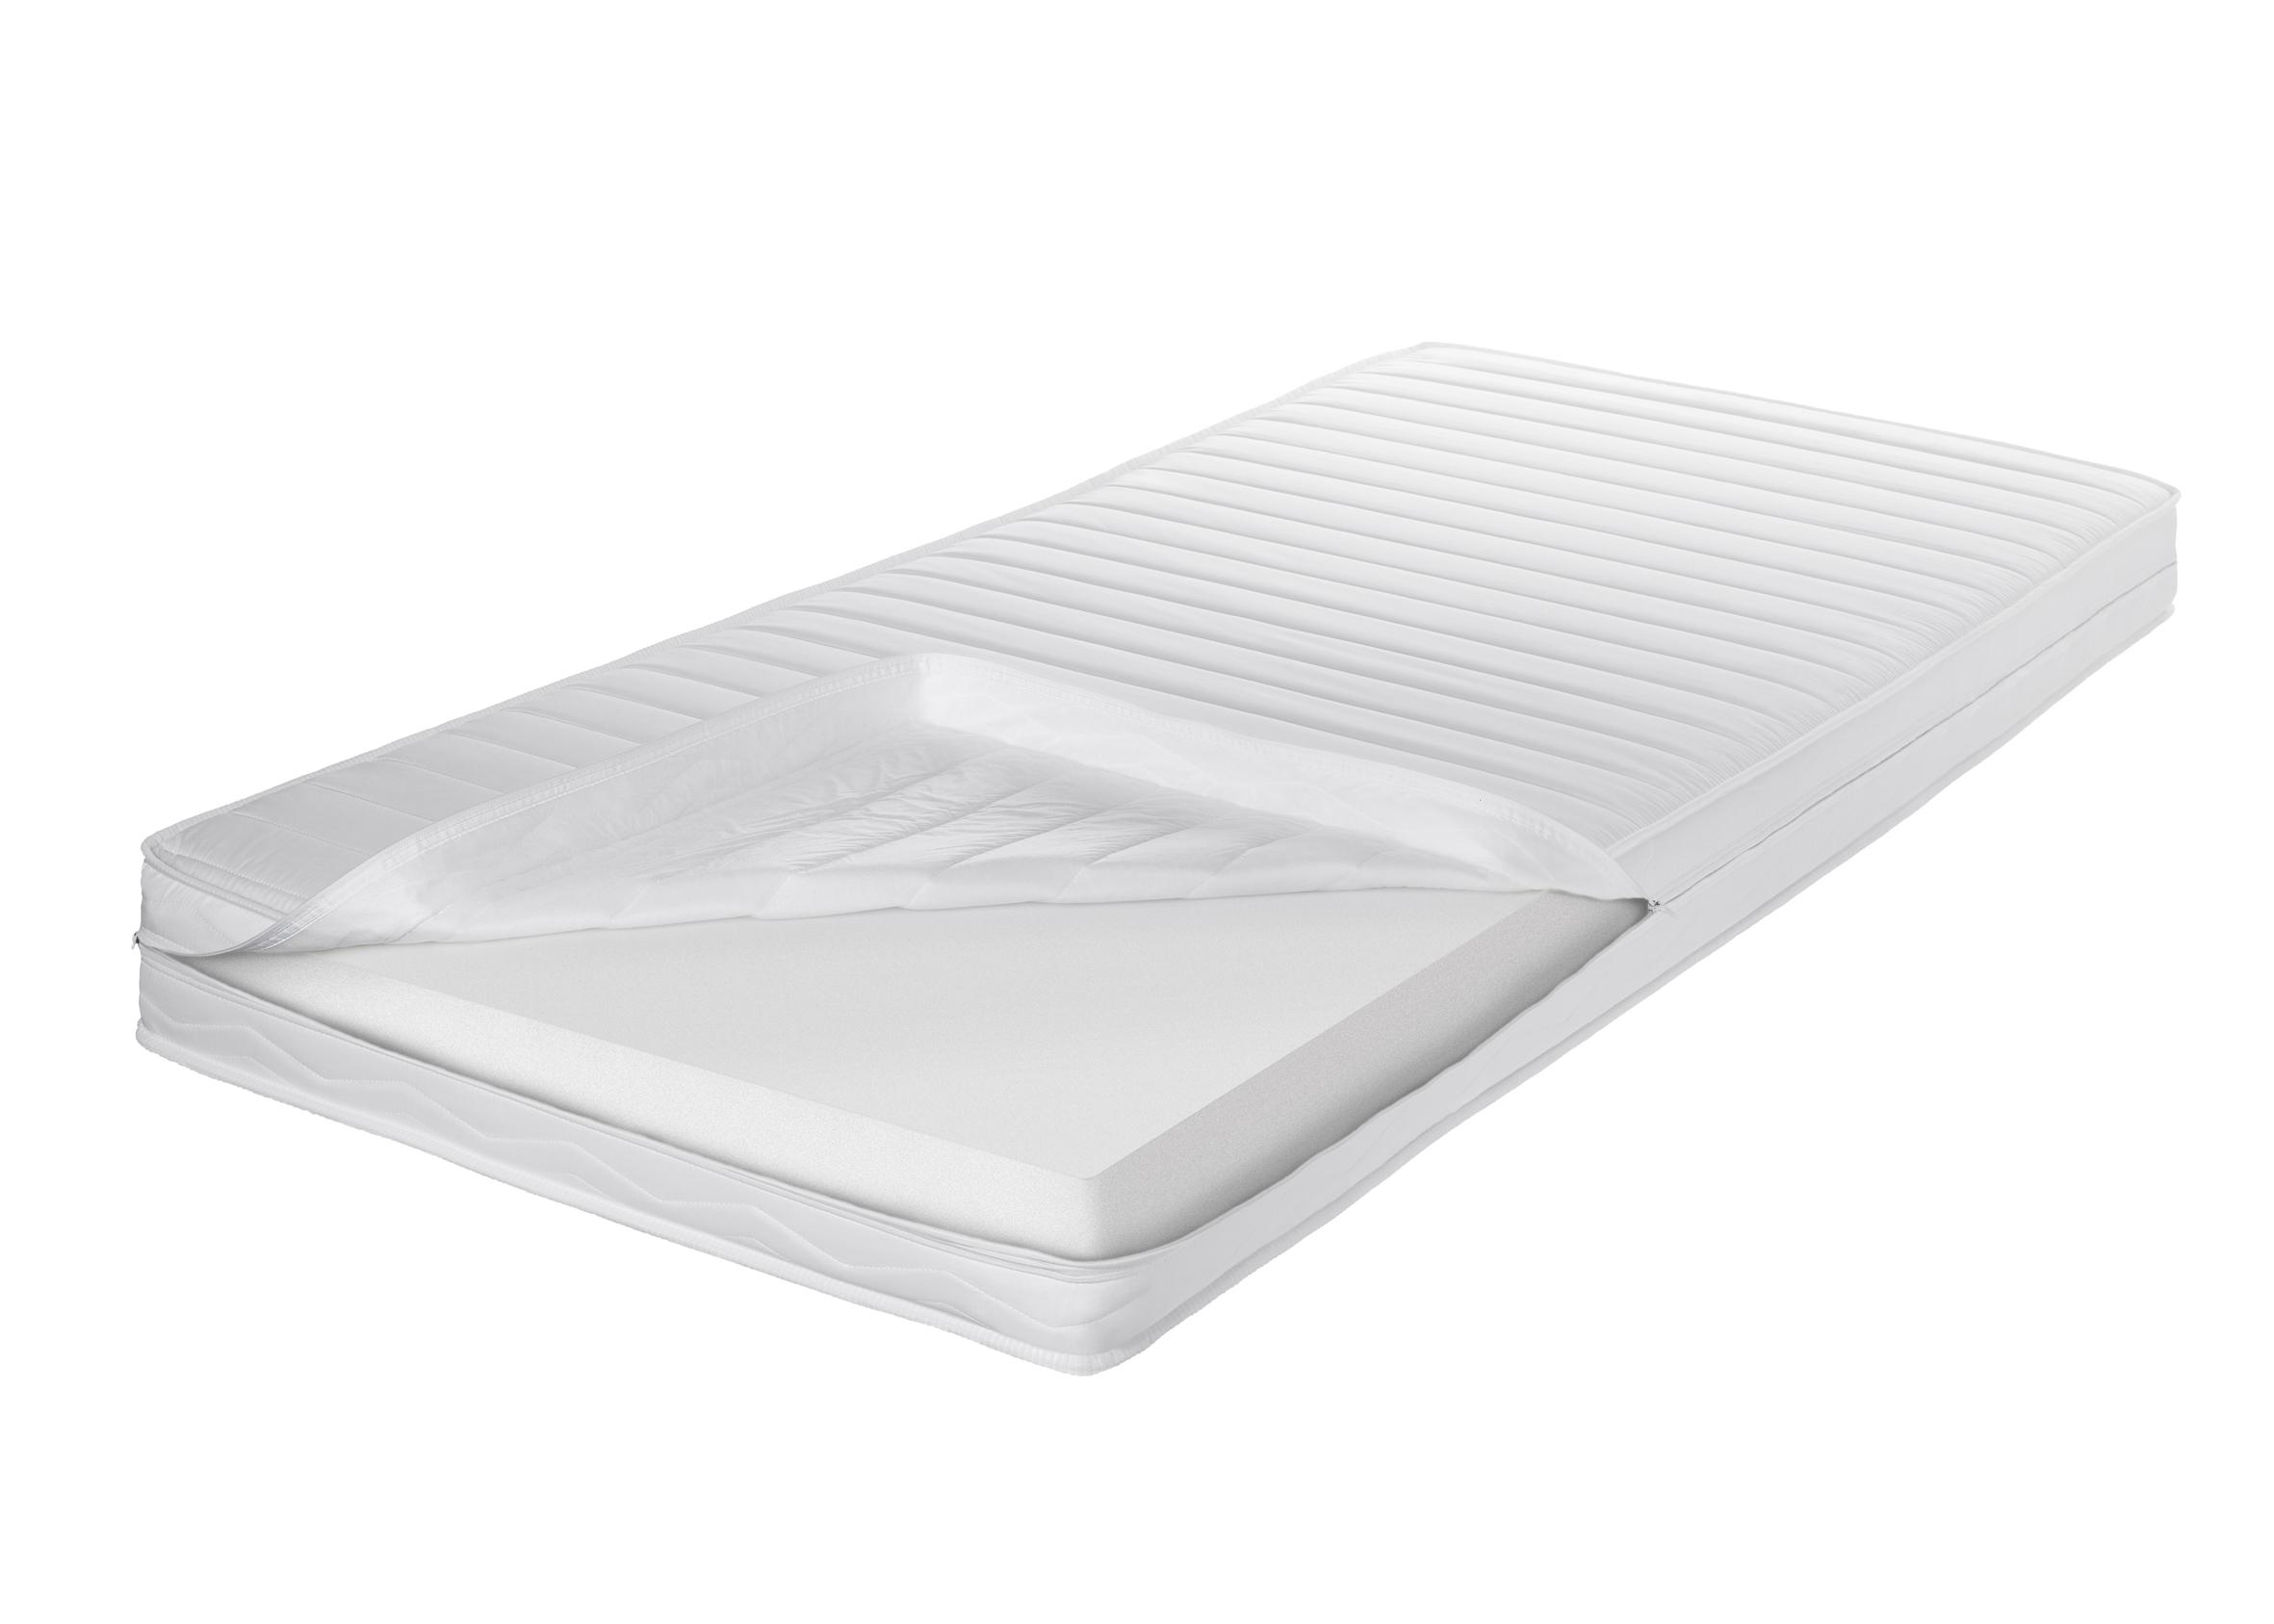 7 zonen aquaflex k1 premium komfort plus exklusiv. Black Bedroom Furniture Sets. Home Design Ideas